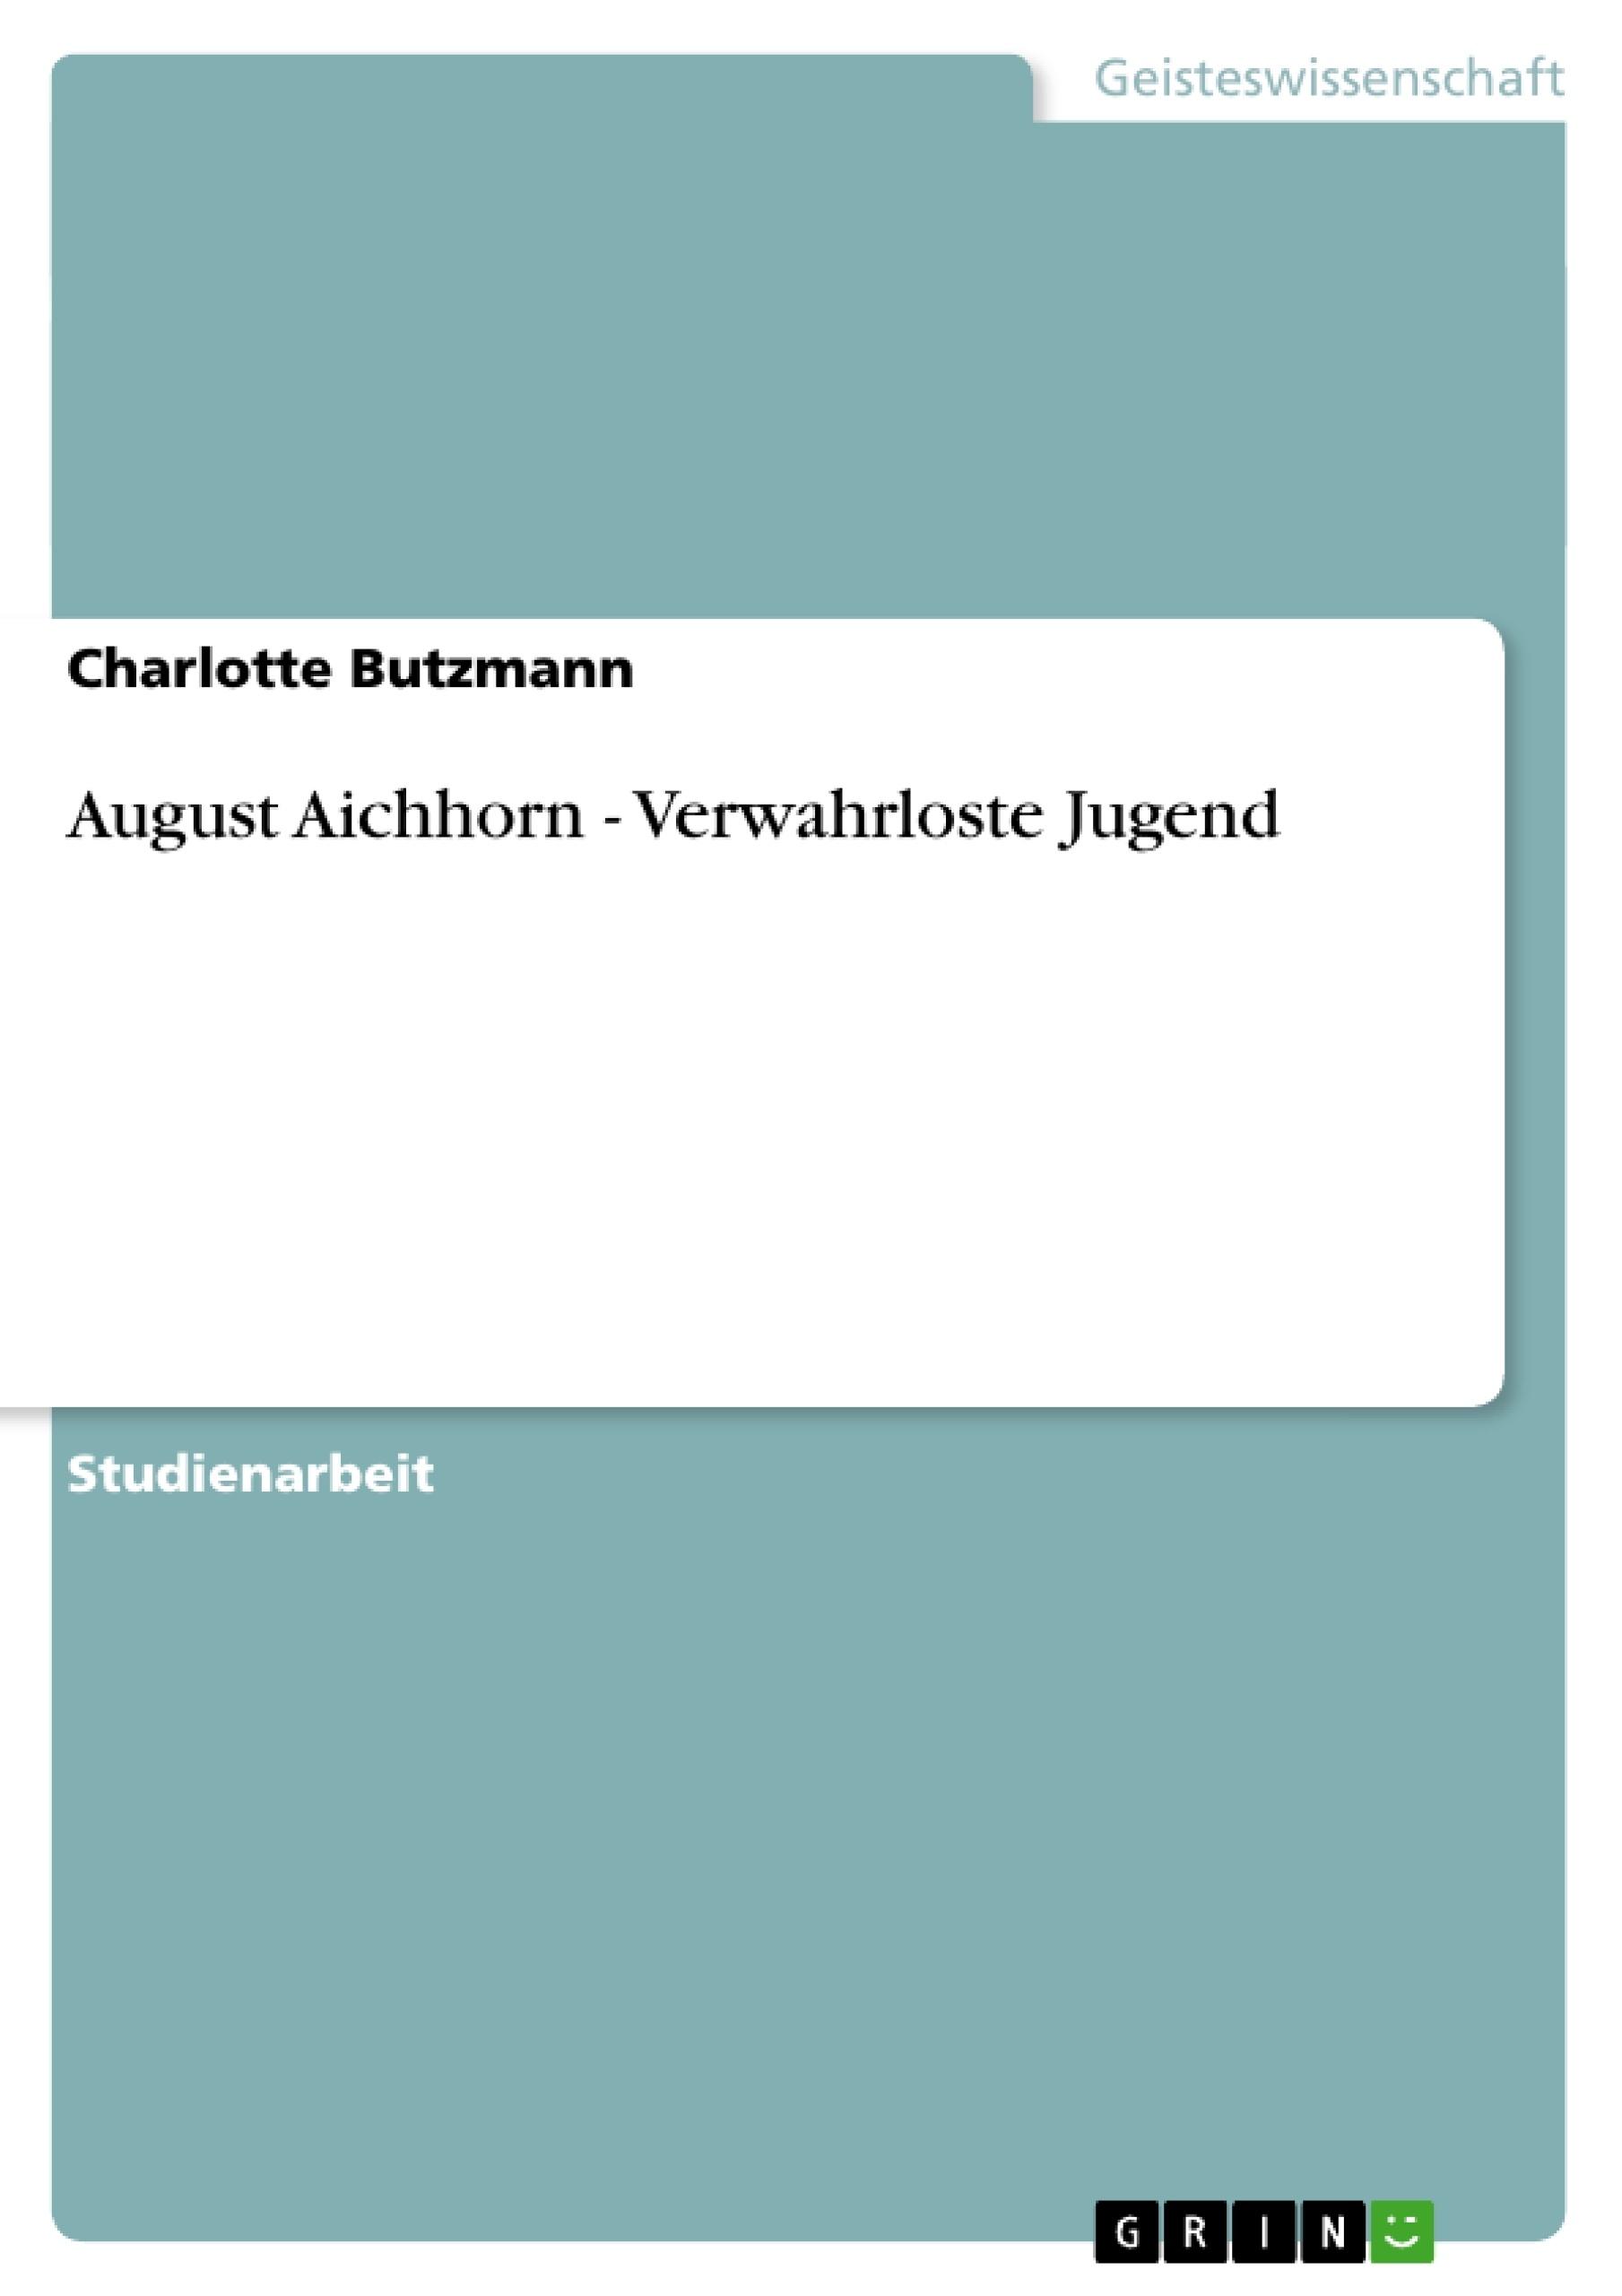 Titel: August Aichhorn - Verwahrloste Jugend